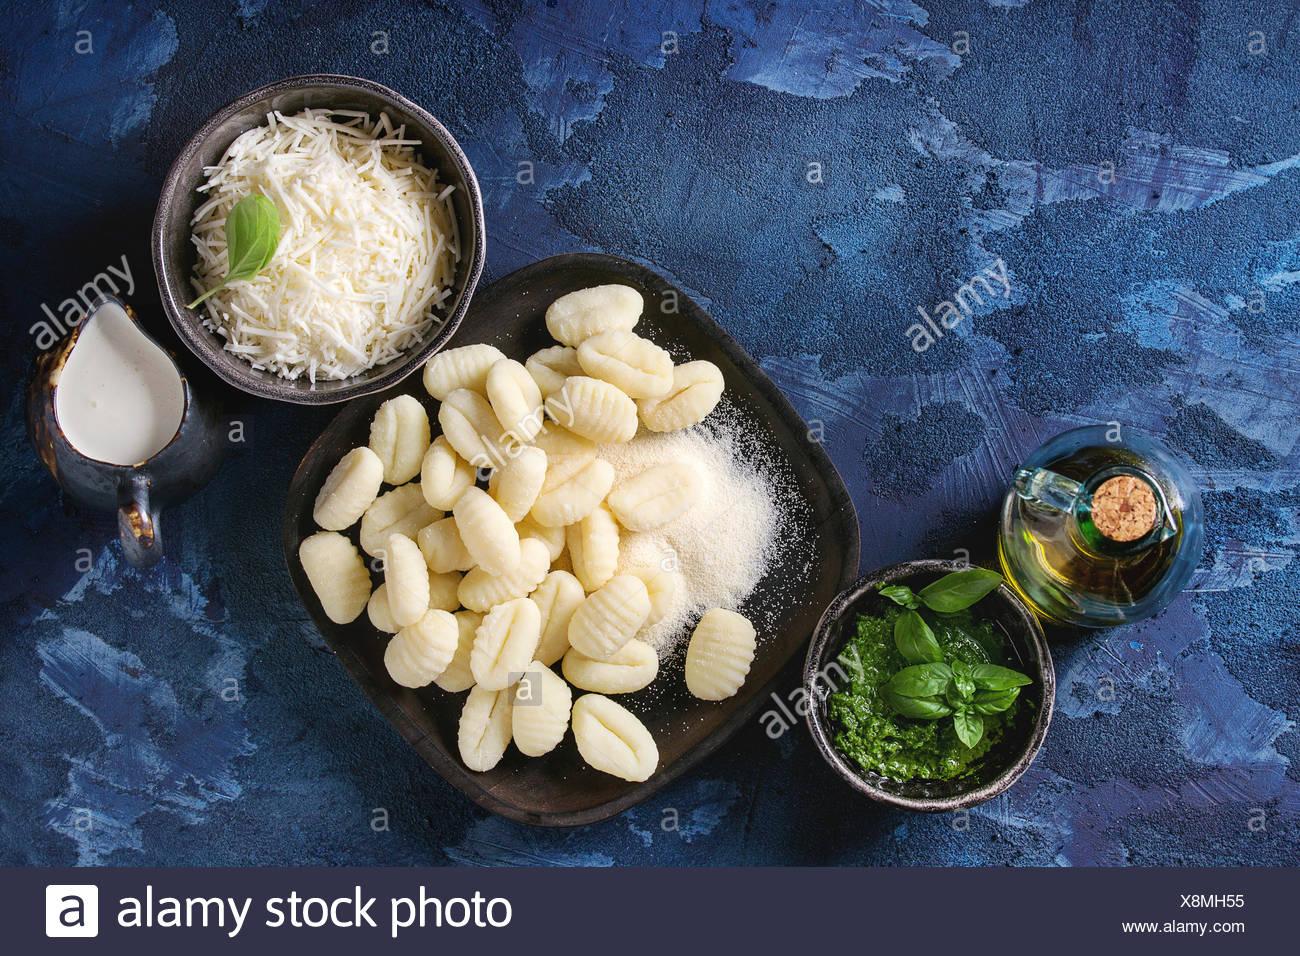 Materie non cotti gnocchi di patate in Nero piastre in legno con ingredienti. farina, parmigiano grattugiato, pesto, brocca di crema, olio d'oliva su blu scuro Immagini Stock